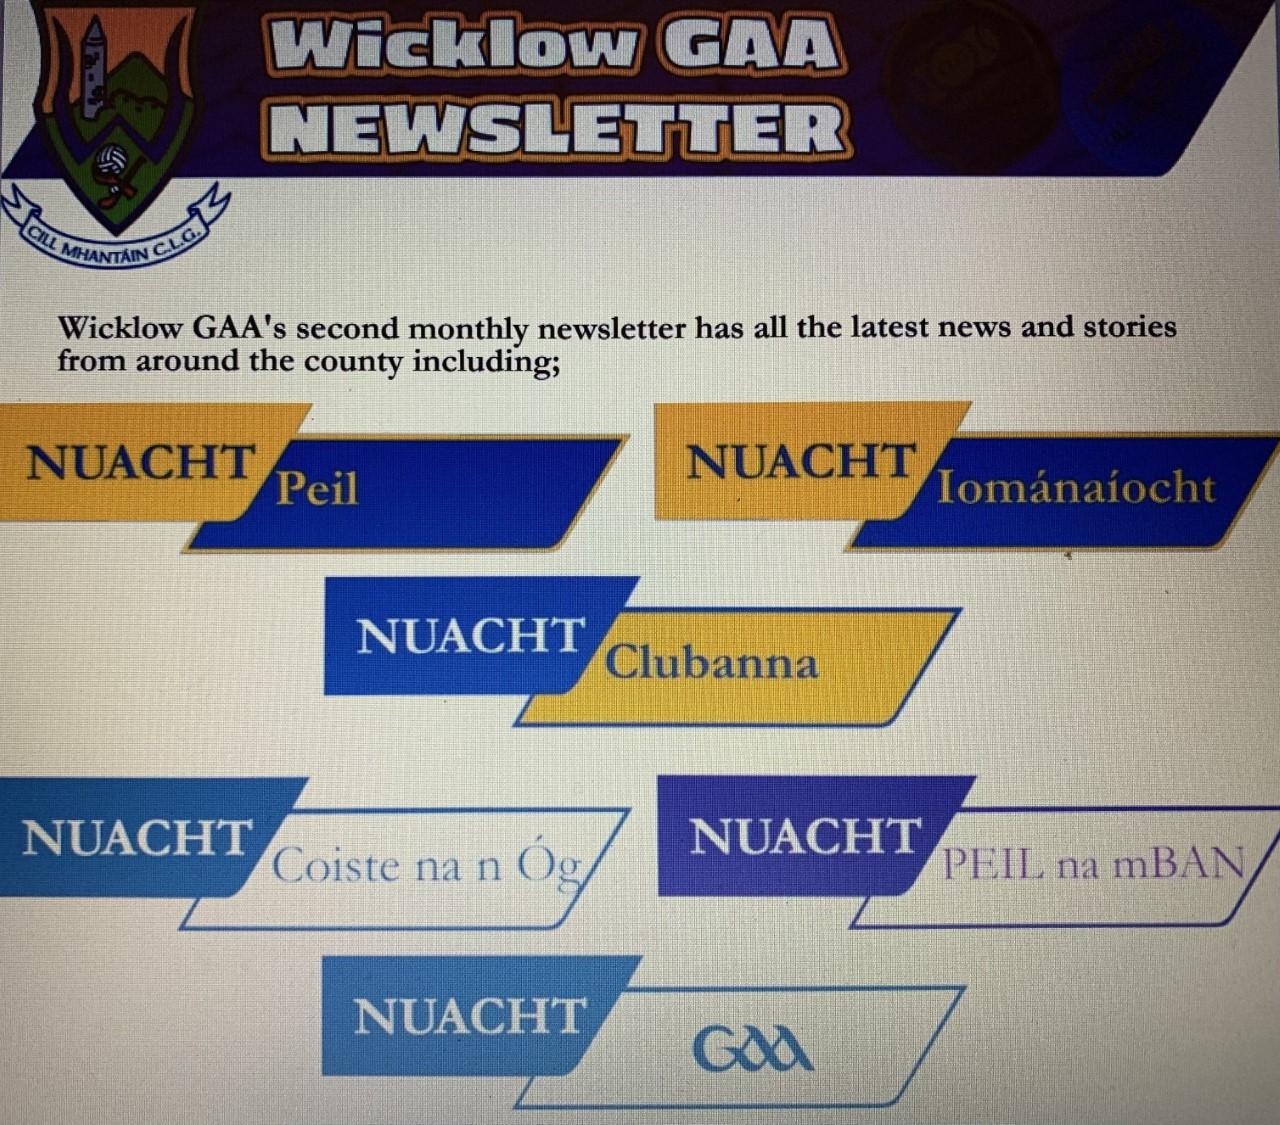 Wicklow GAA Newsletter